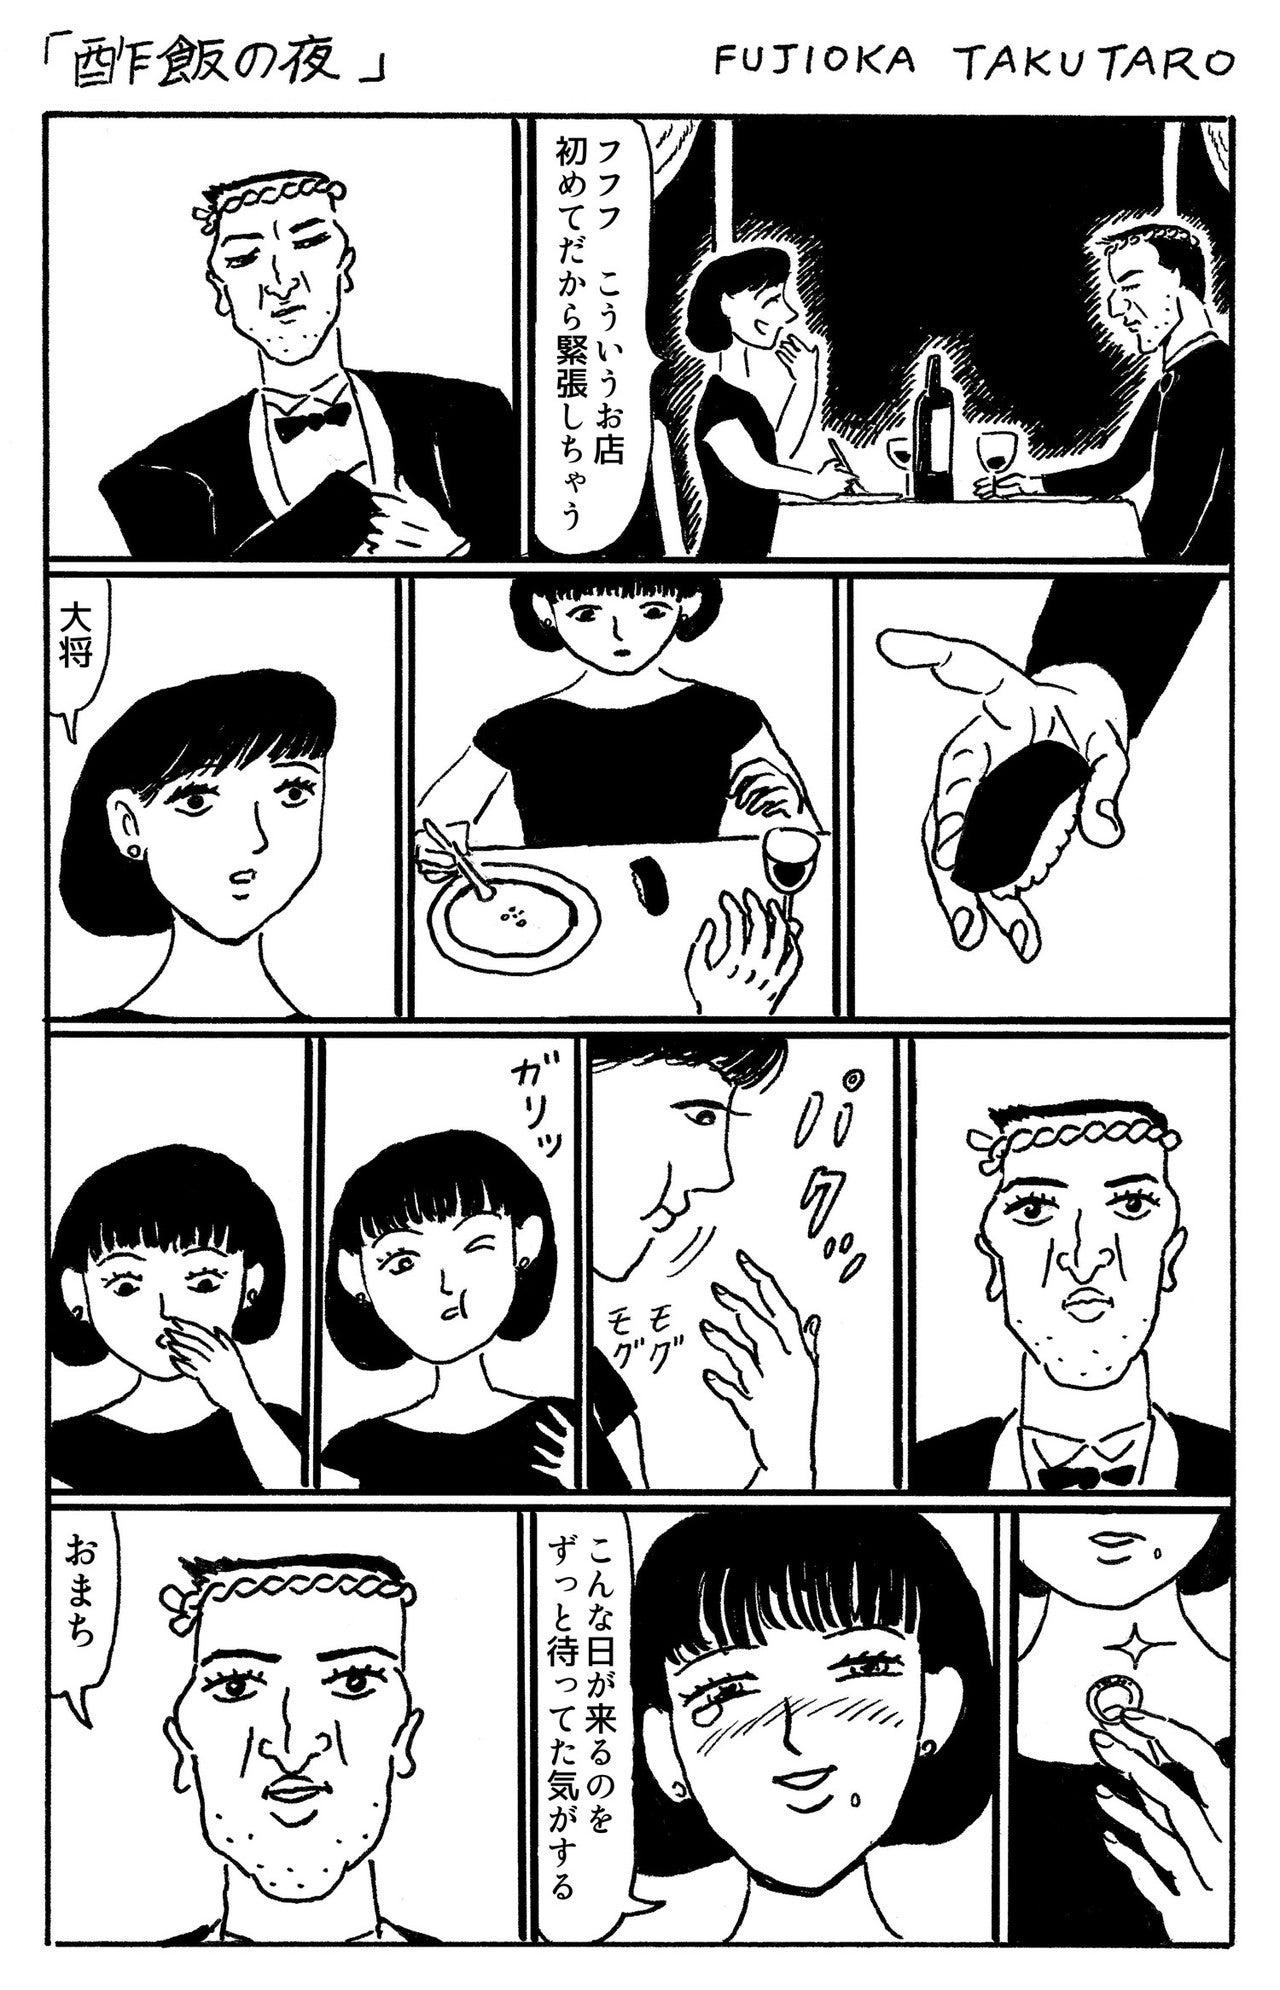 20190206_1ページ漫画_酢飯の夜__R